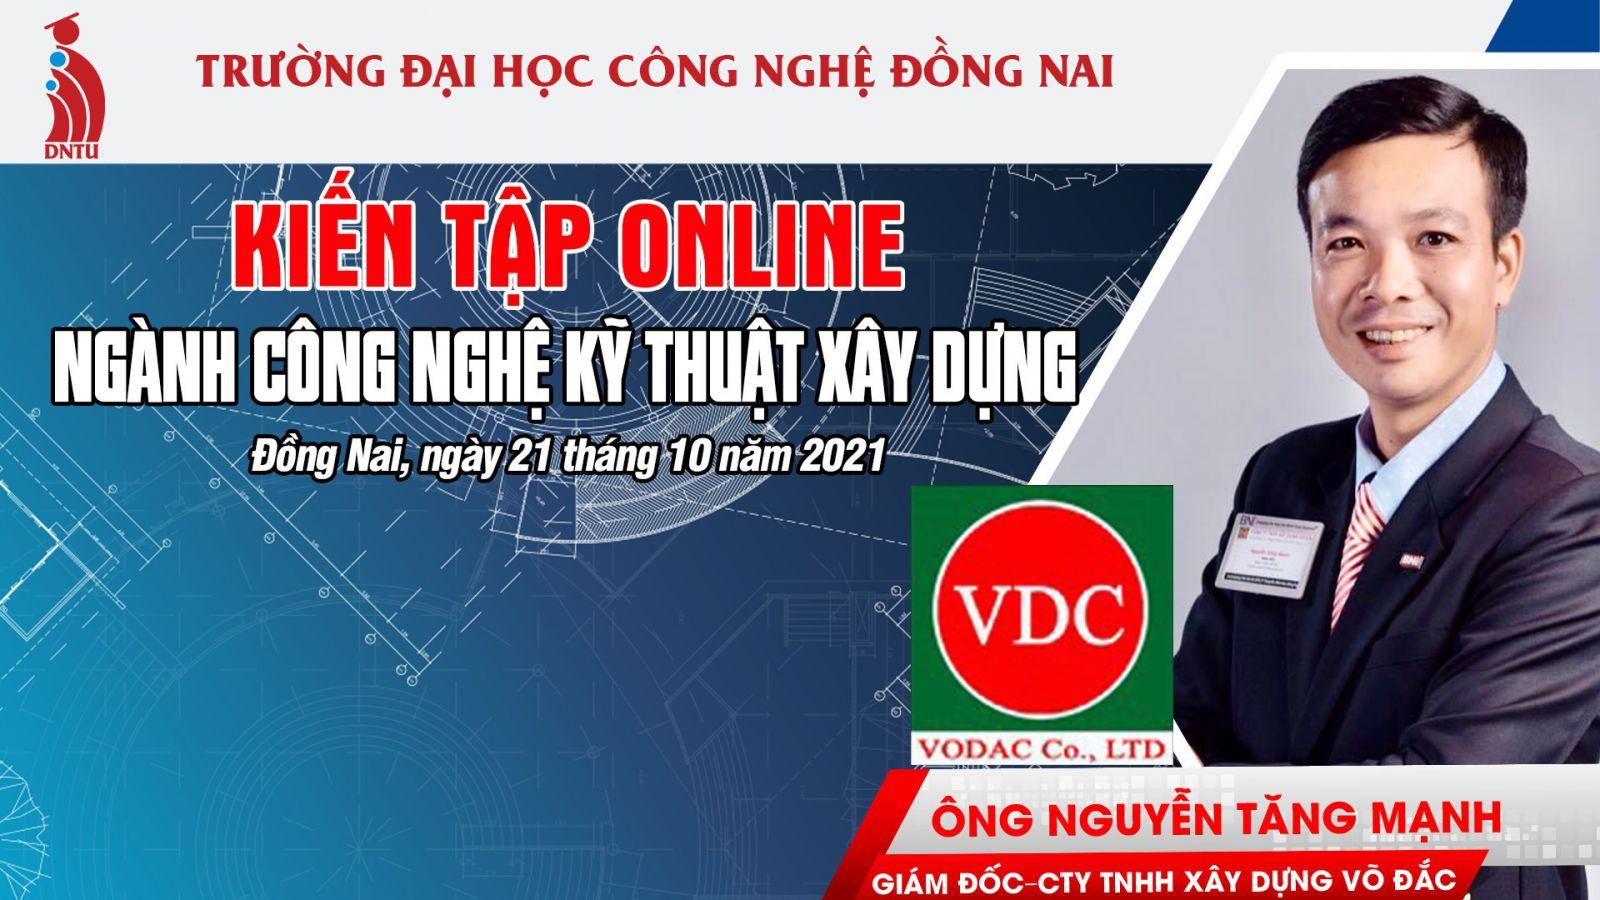 Kiến tập trực tuyến ngành Công nghệ kỹ thuật xây dựng với Công ty TNHH Xây dựng Võ Đắc